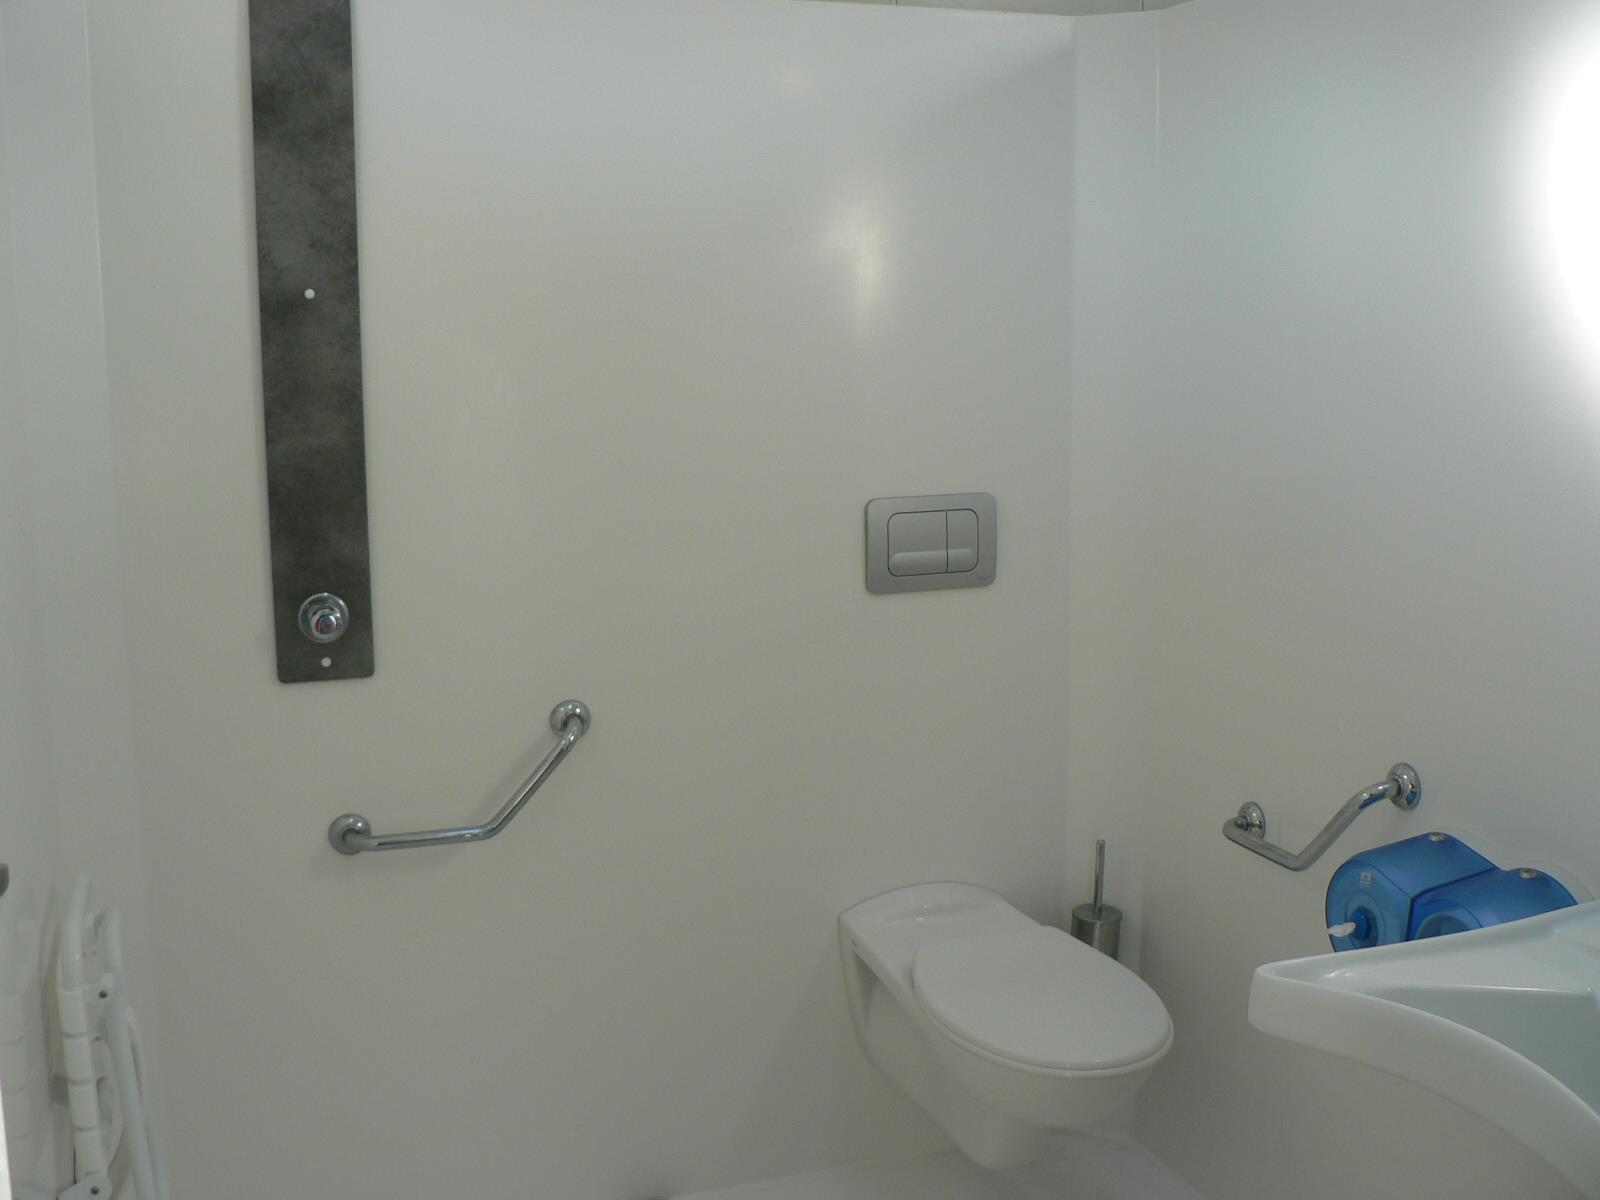 Emplacement - Emplacement 120M2 Évacuation Des Eaux Usées+ Eau+ Sanitaire Privatif(Salle D'eau, Toilette)+1 Personne 1 Pers. - Camping Castel Château de Galinée